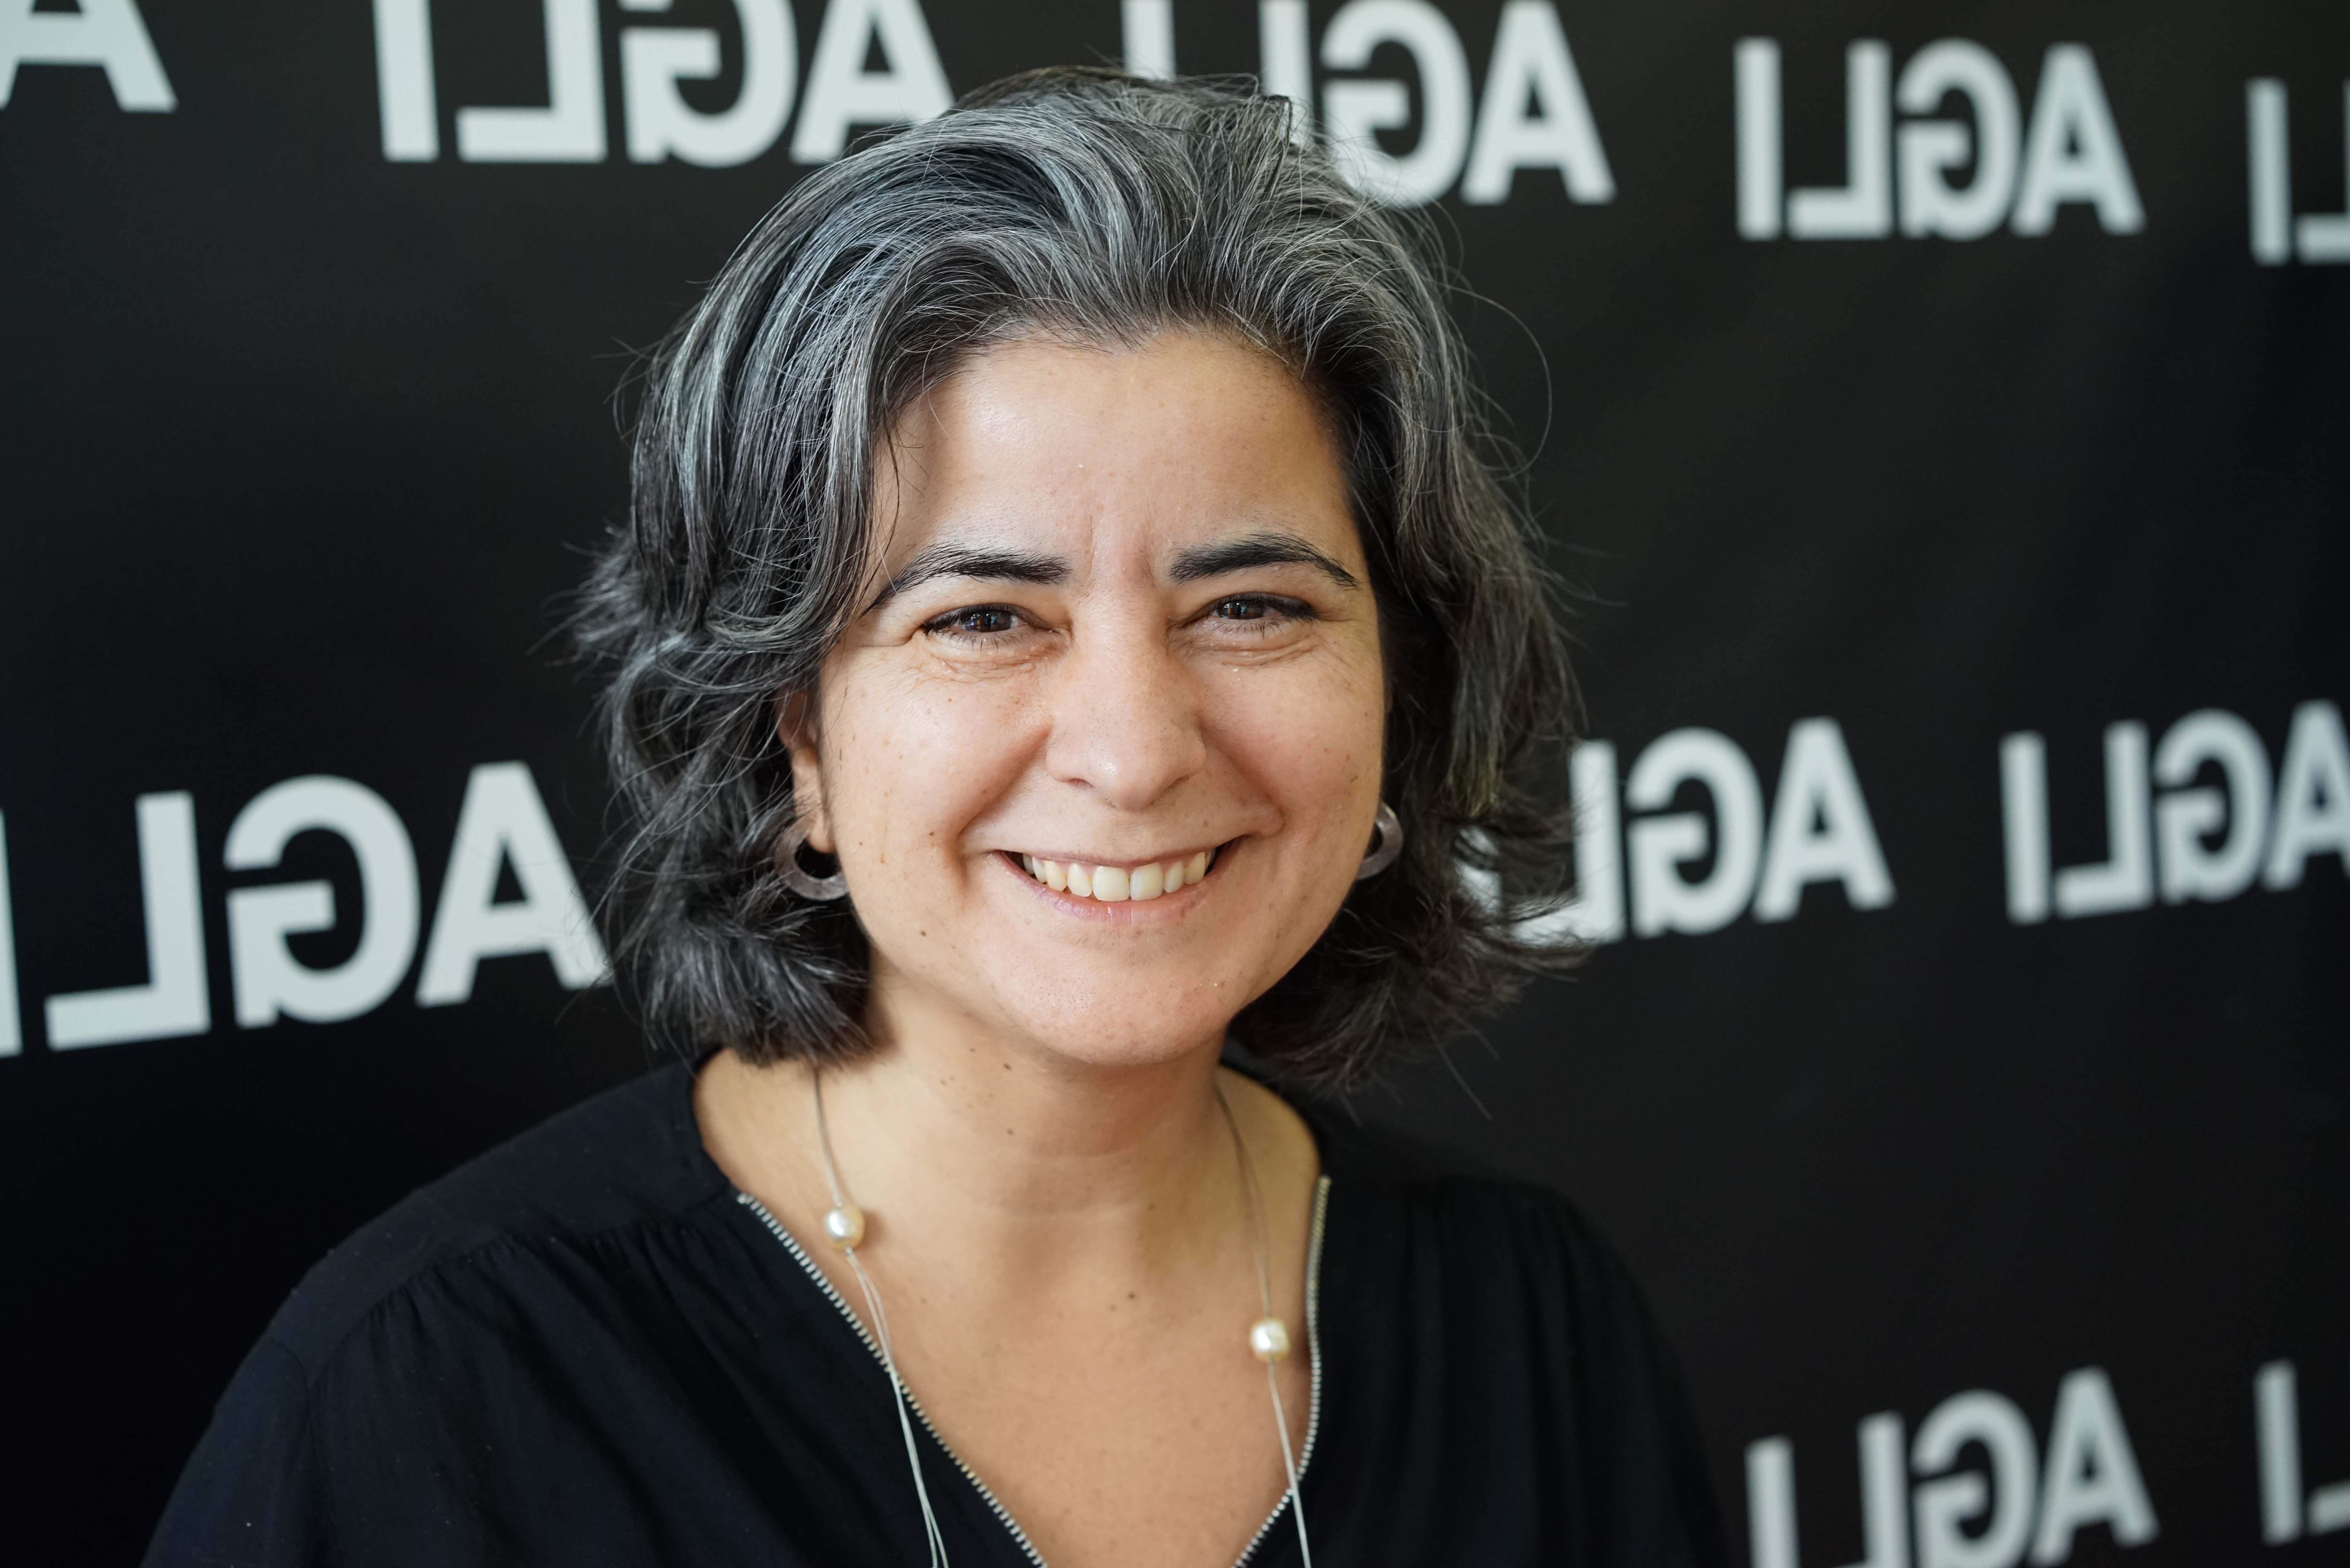 Rencontre avec Isabel, présidente du centre LGBT de Lisbonne et de l'ILGA Portugal